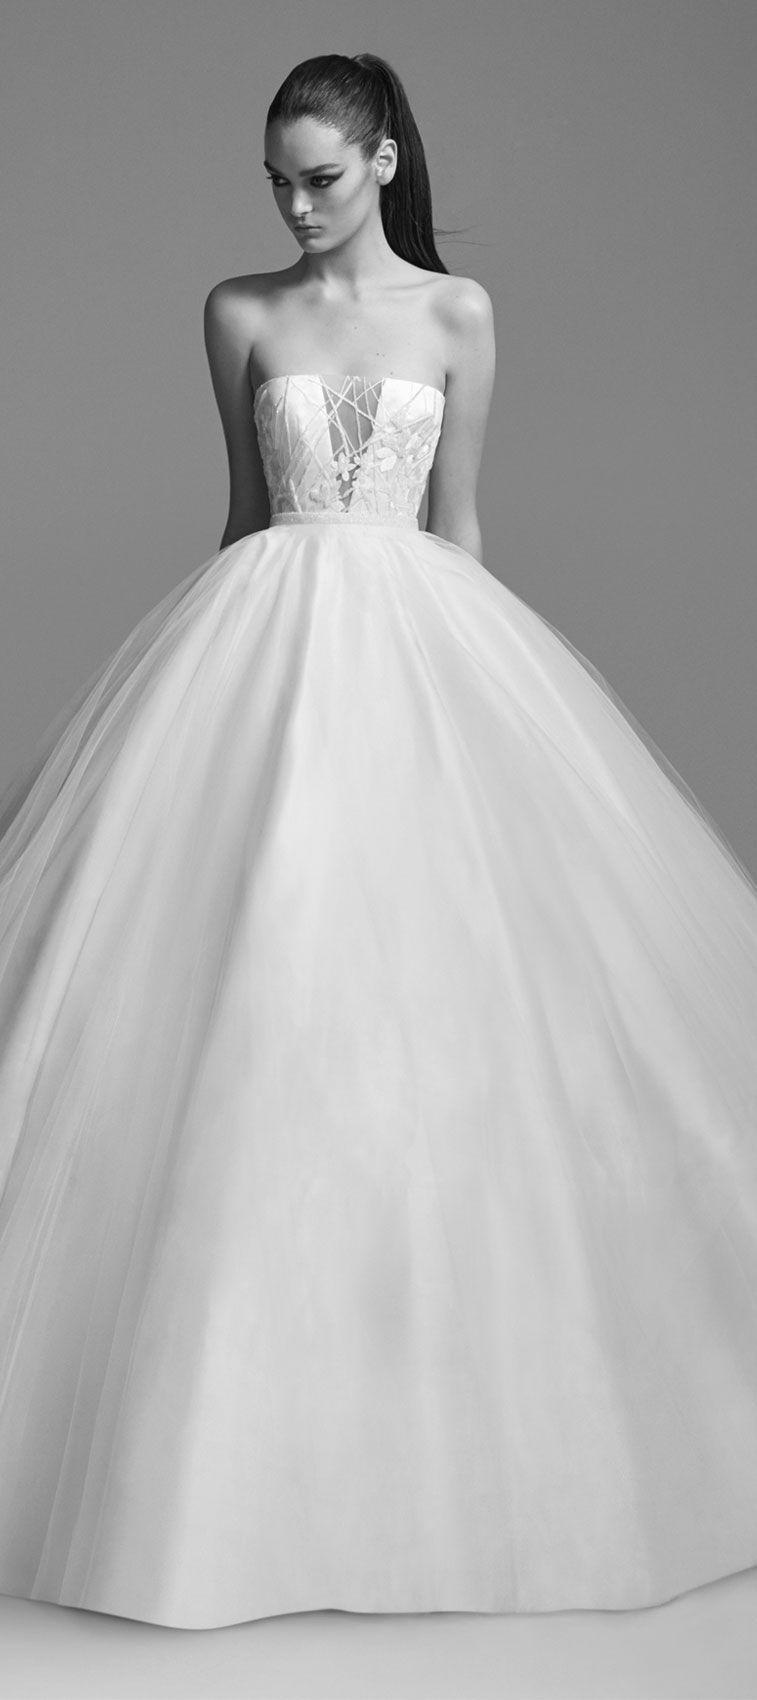 Stunning Ball Gown Wedding Dress Inspiration Wedding Dresses